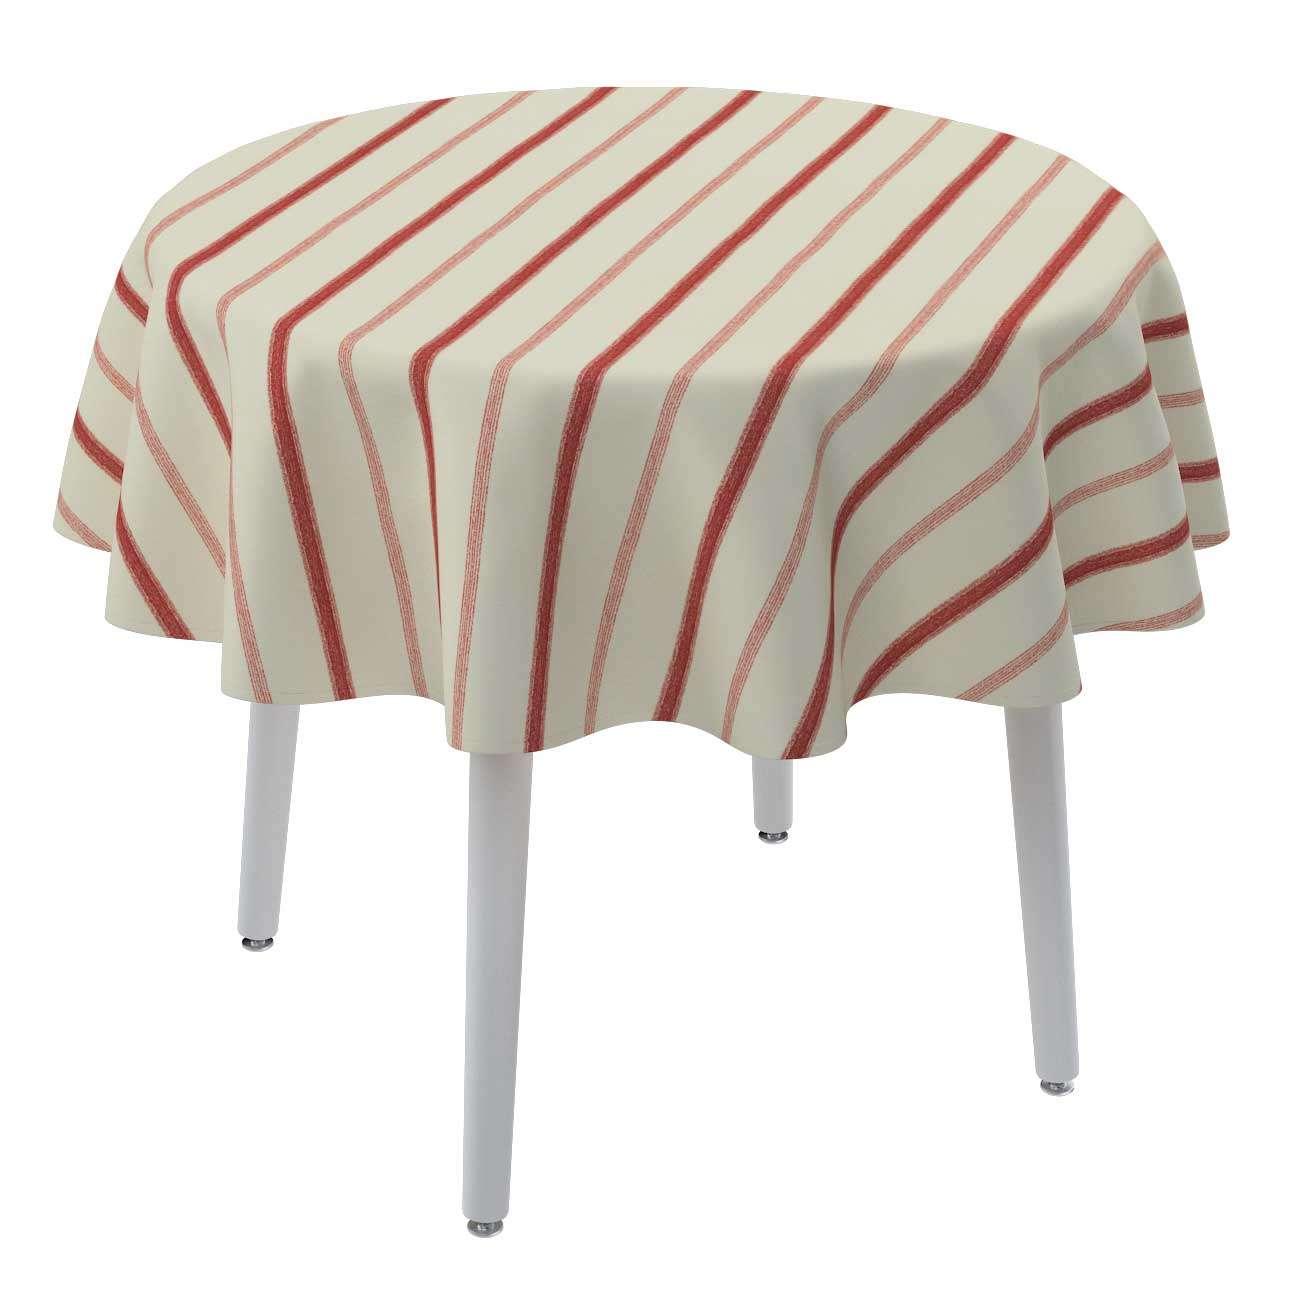 Staltiesės (apvaliam stalui) Ø 135 cm kolekcijoje Avinon, audinys: 129-15